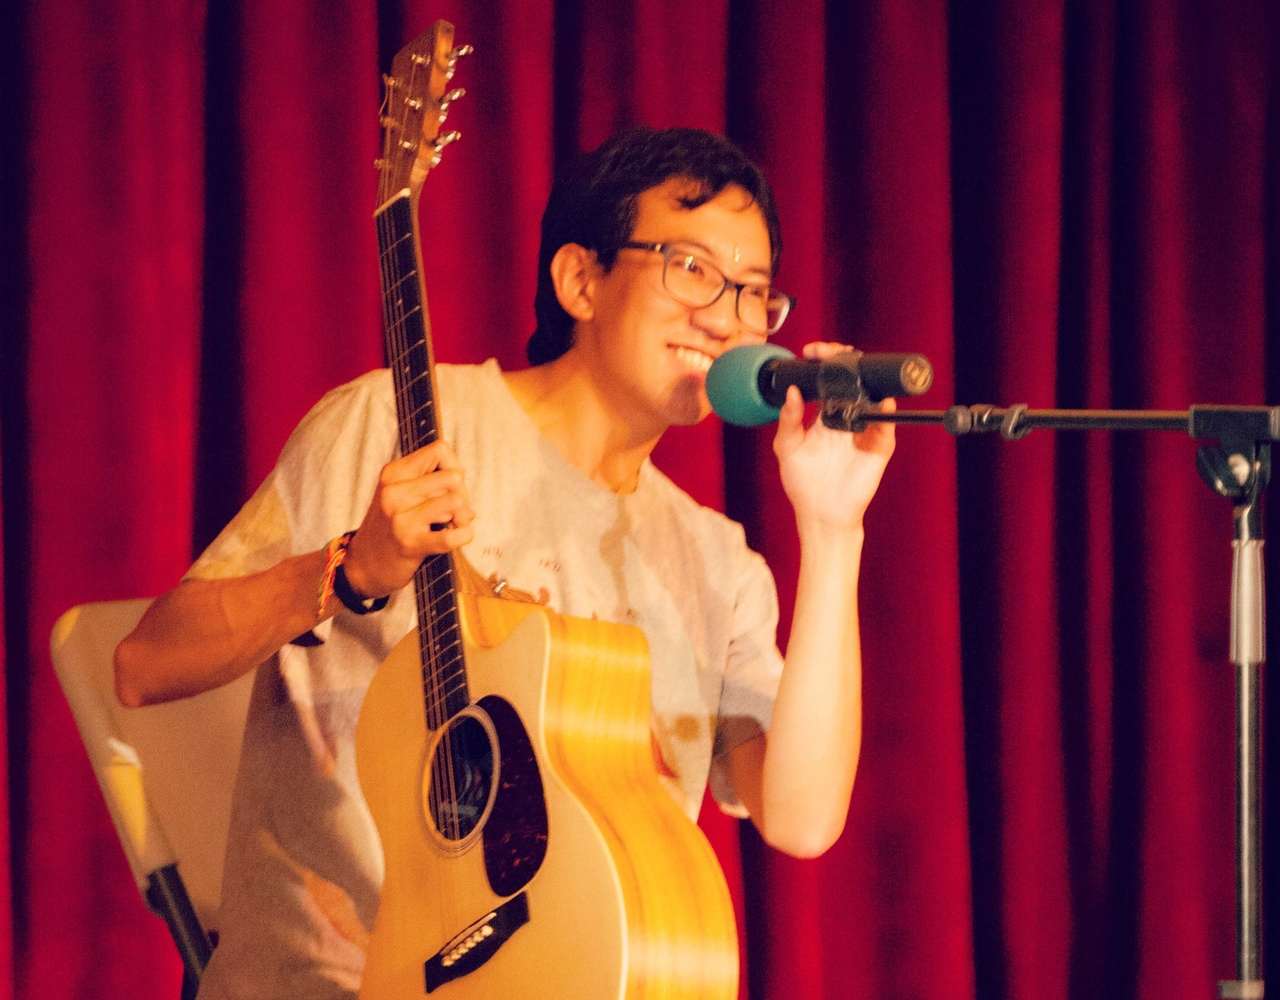 【semester at sea】talent show系列——思涵同学在奥德赛号告别晚会上的一段吉他弹唱《风之诗》《再见》《骊歌》